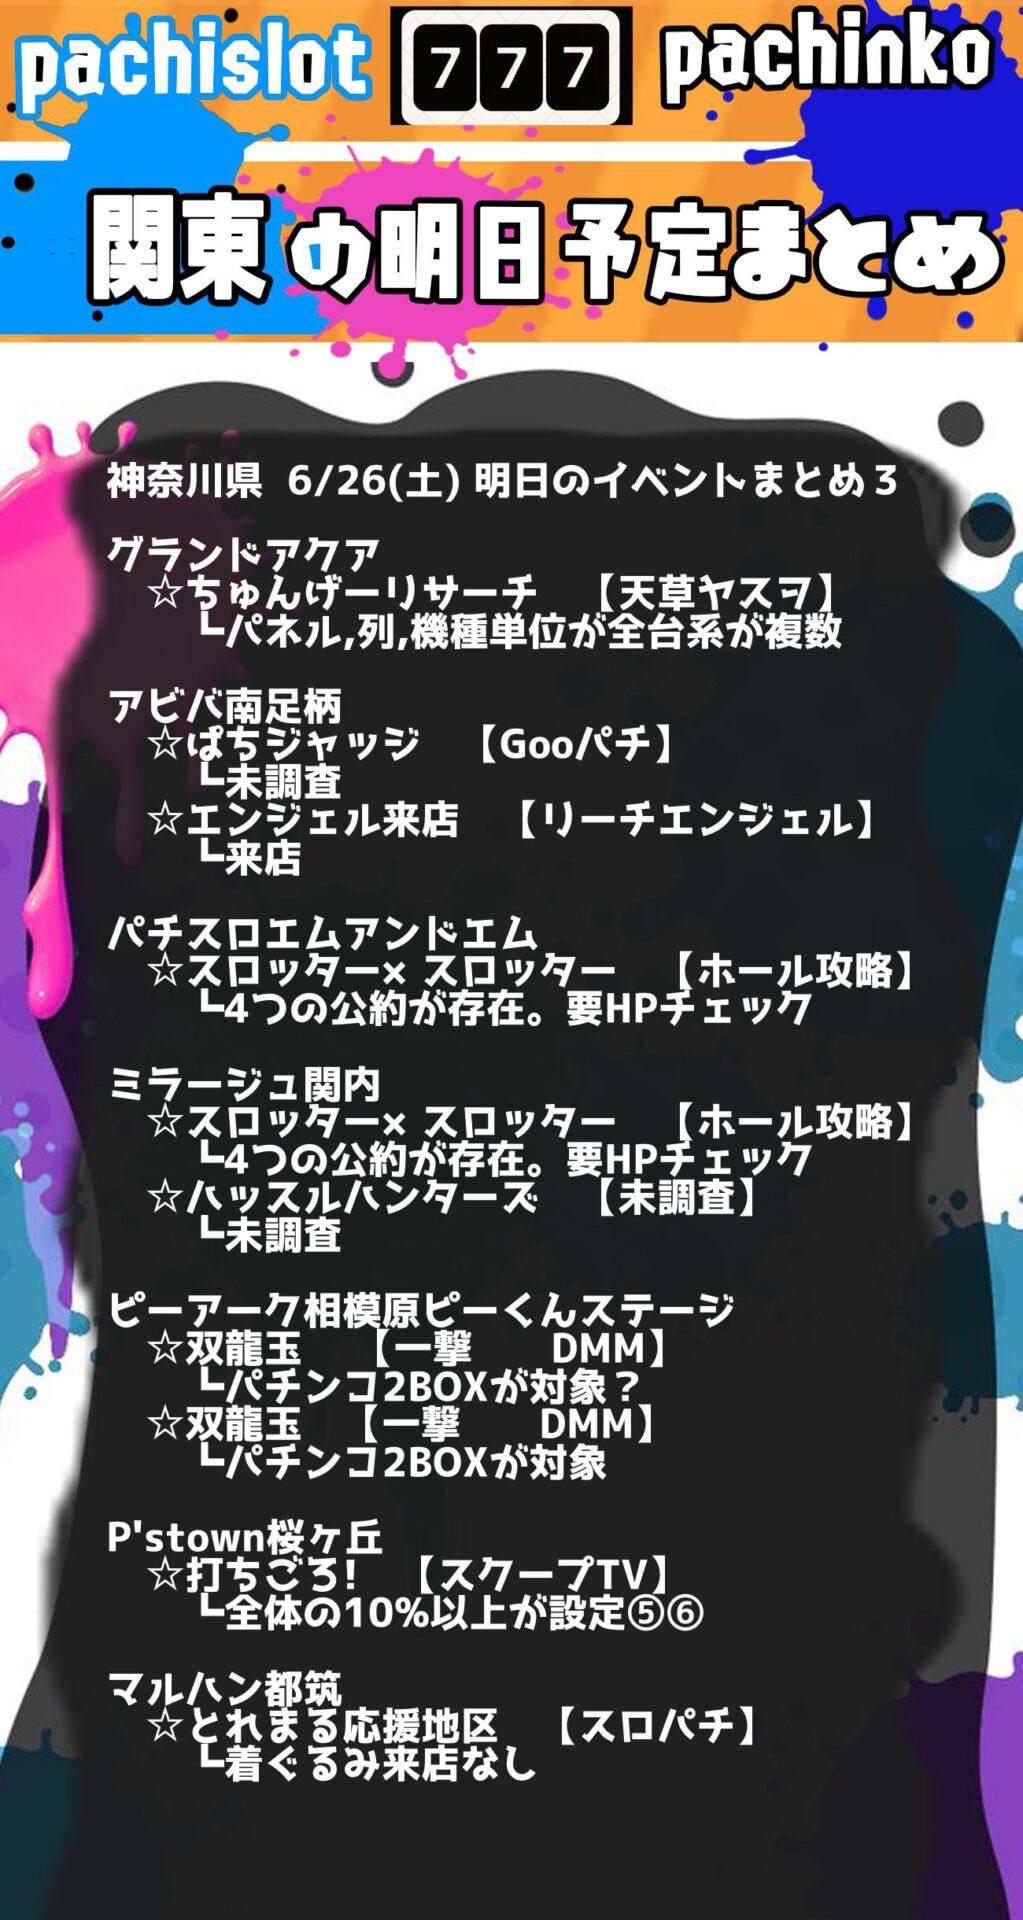 神奈川県_2021-06-26_パチンコ・パチスロ_イベント